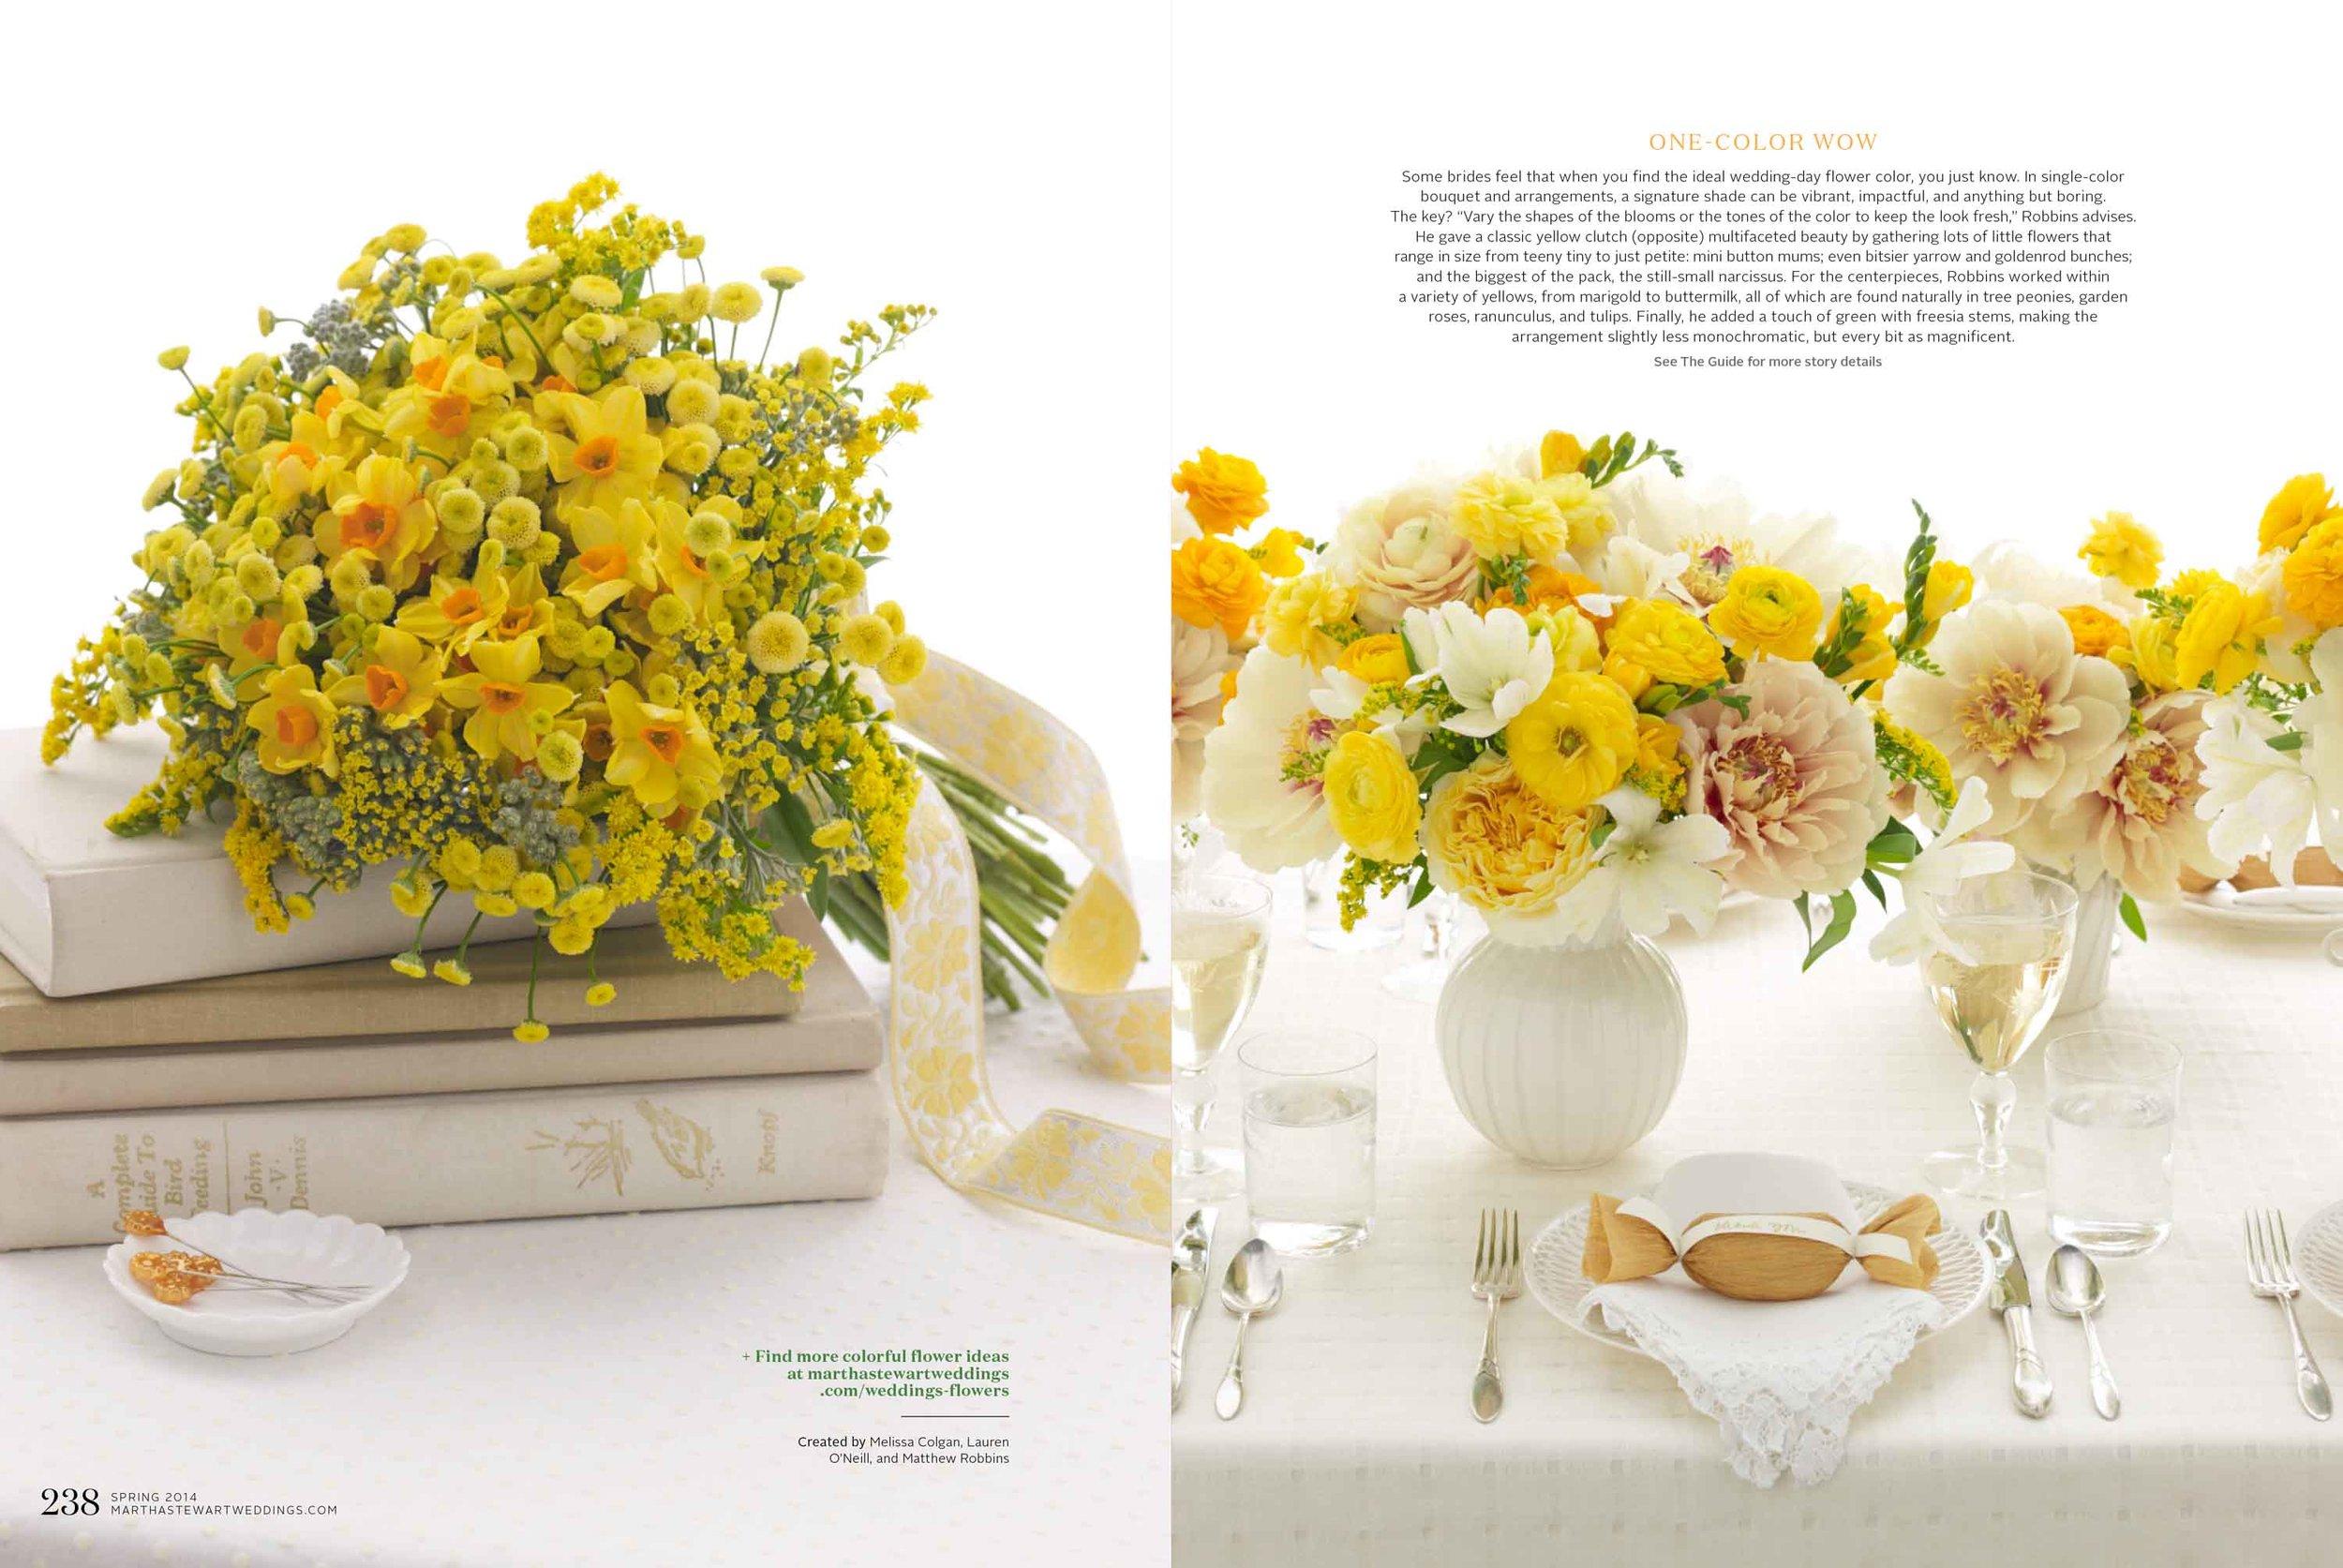 Lauren_ONeill-MSW_Flowers-02-3000.jpg